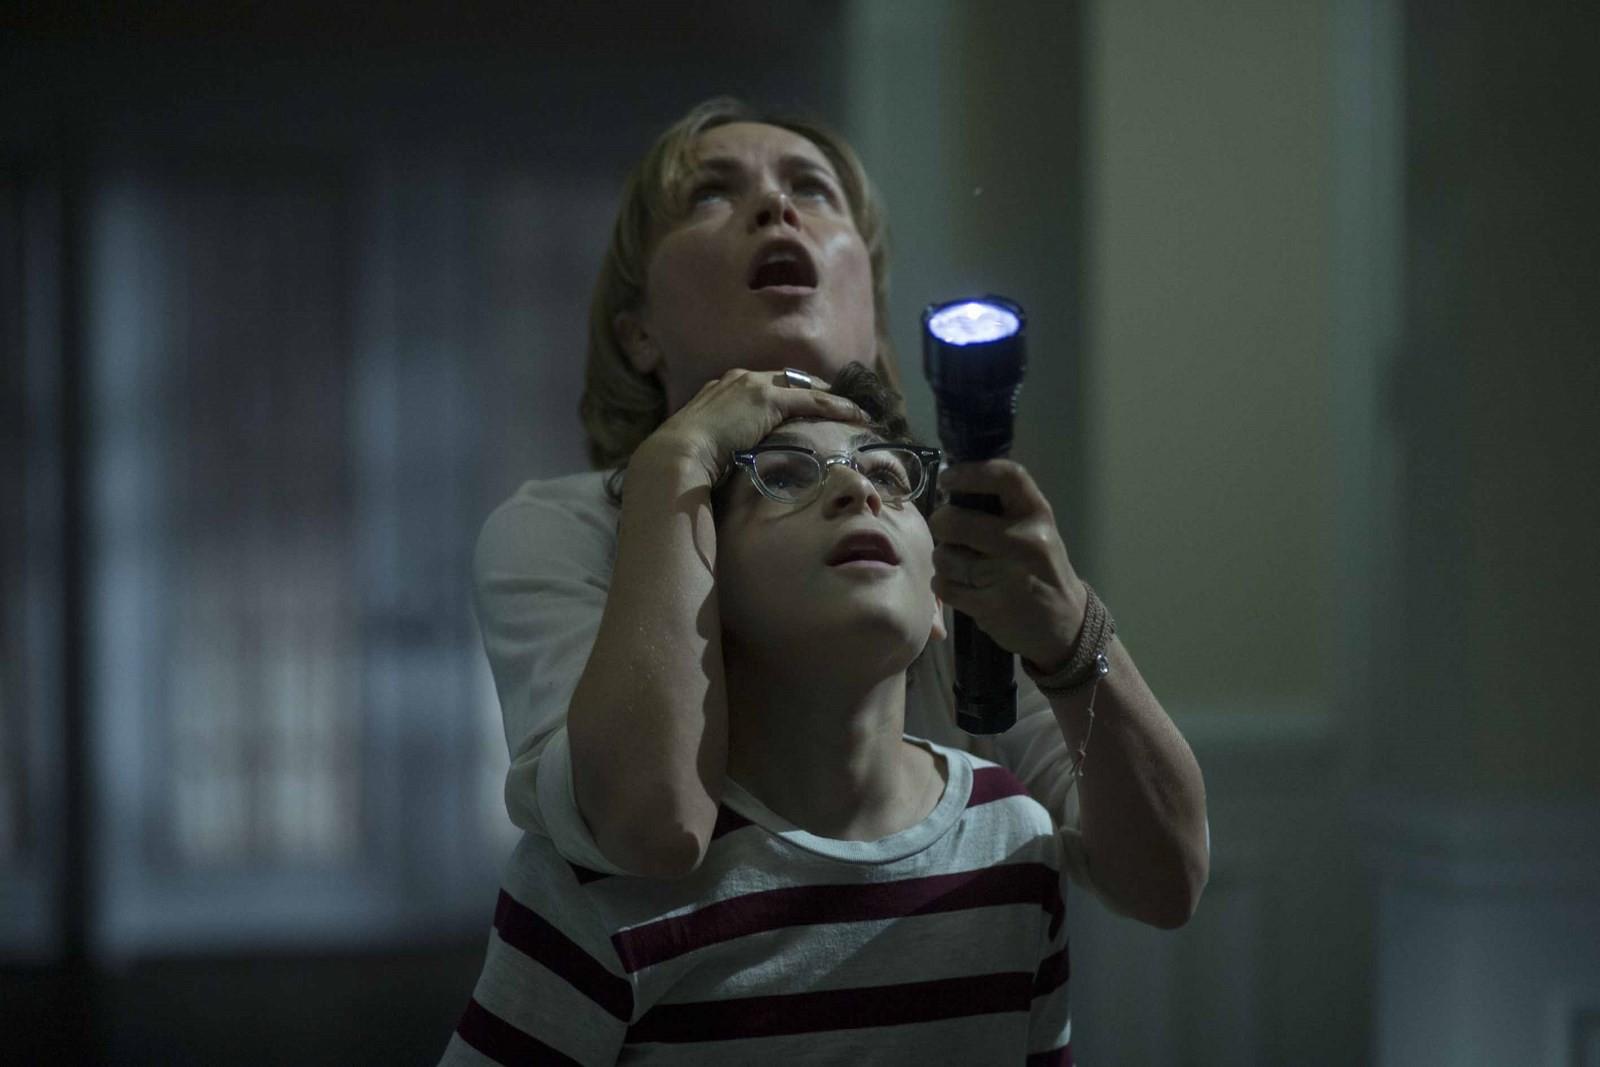 Karanlık Filmi Tr Dublaj indir Ekran Görüntüsü 2